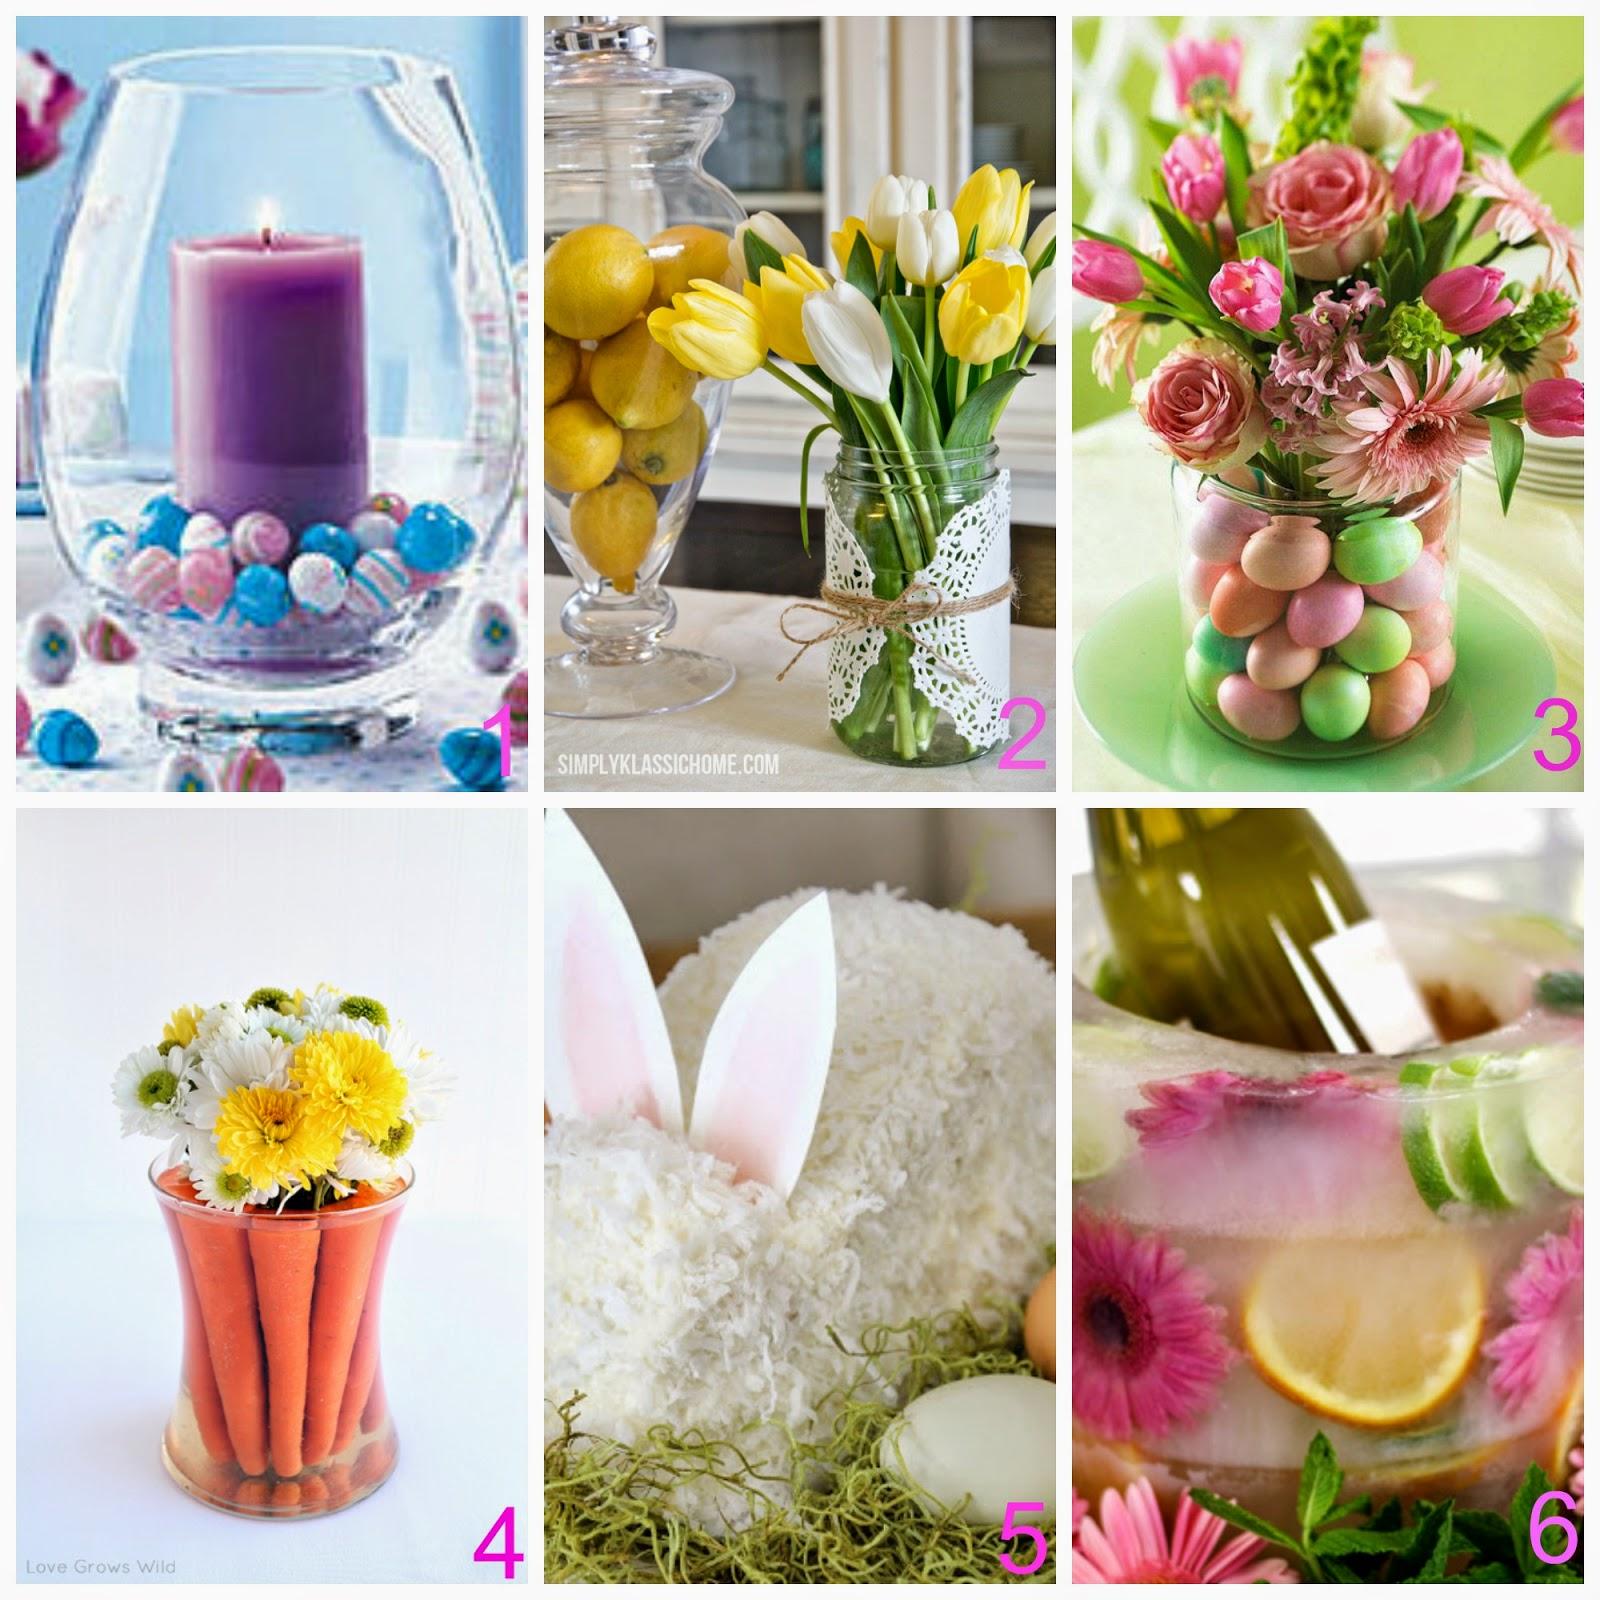 Centrotavola fai da te per pasqua donneinpink magazine - Pasqua decorazioni fai da te ...